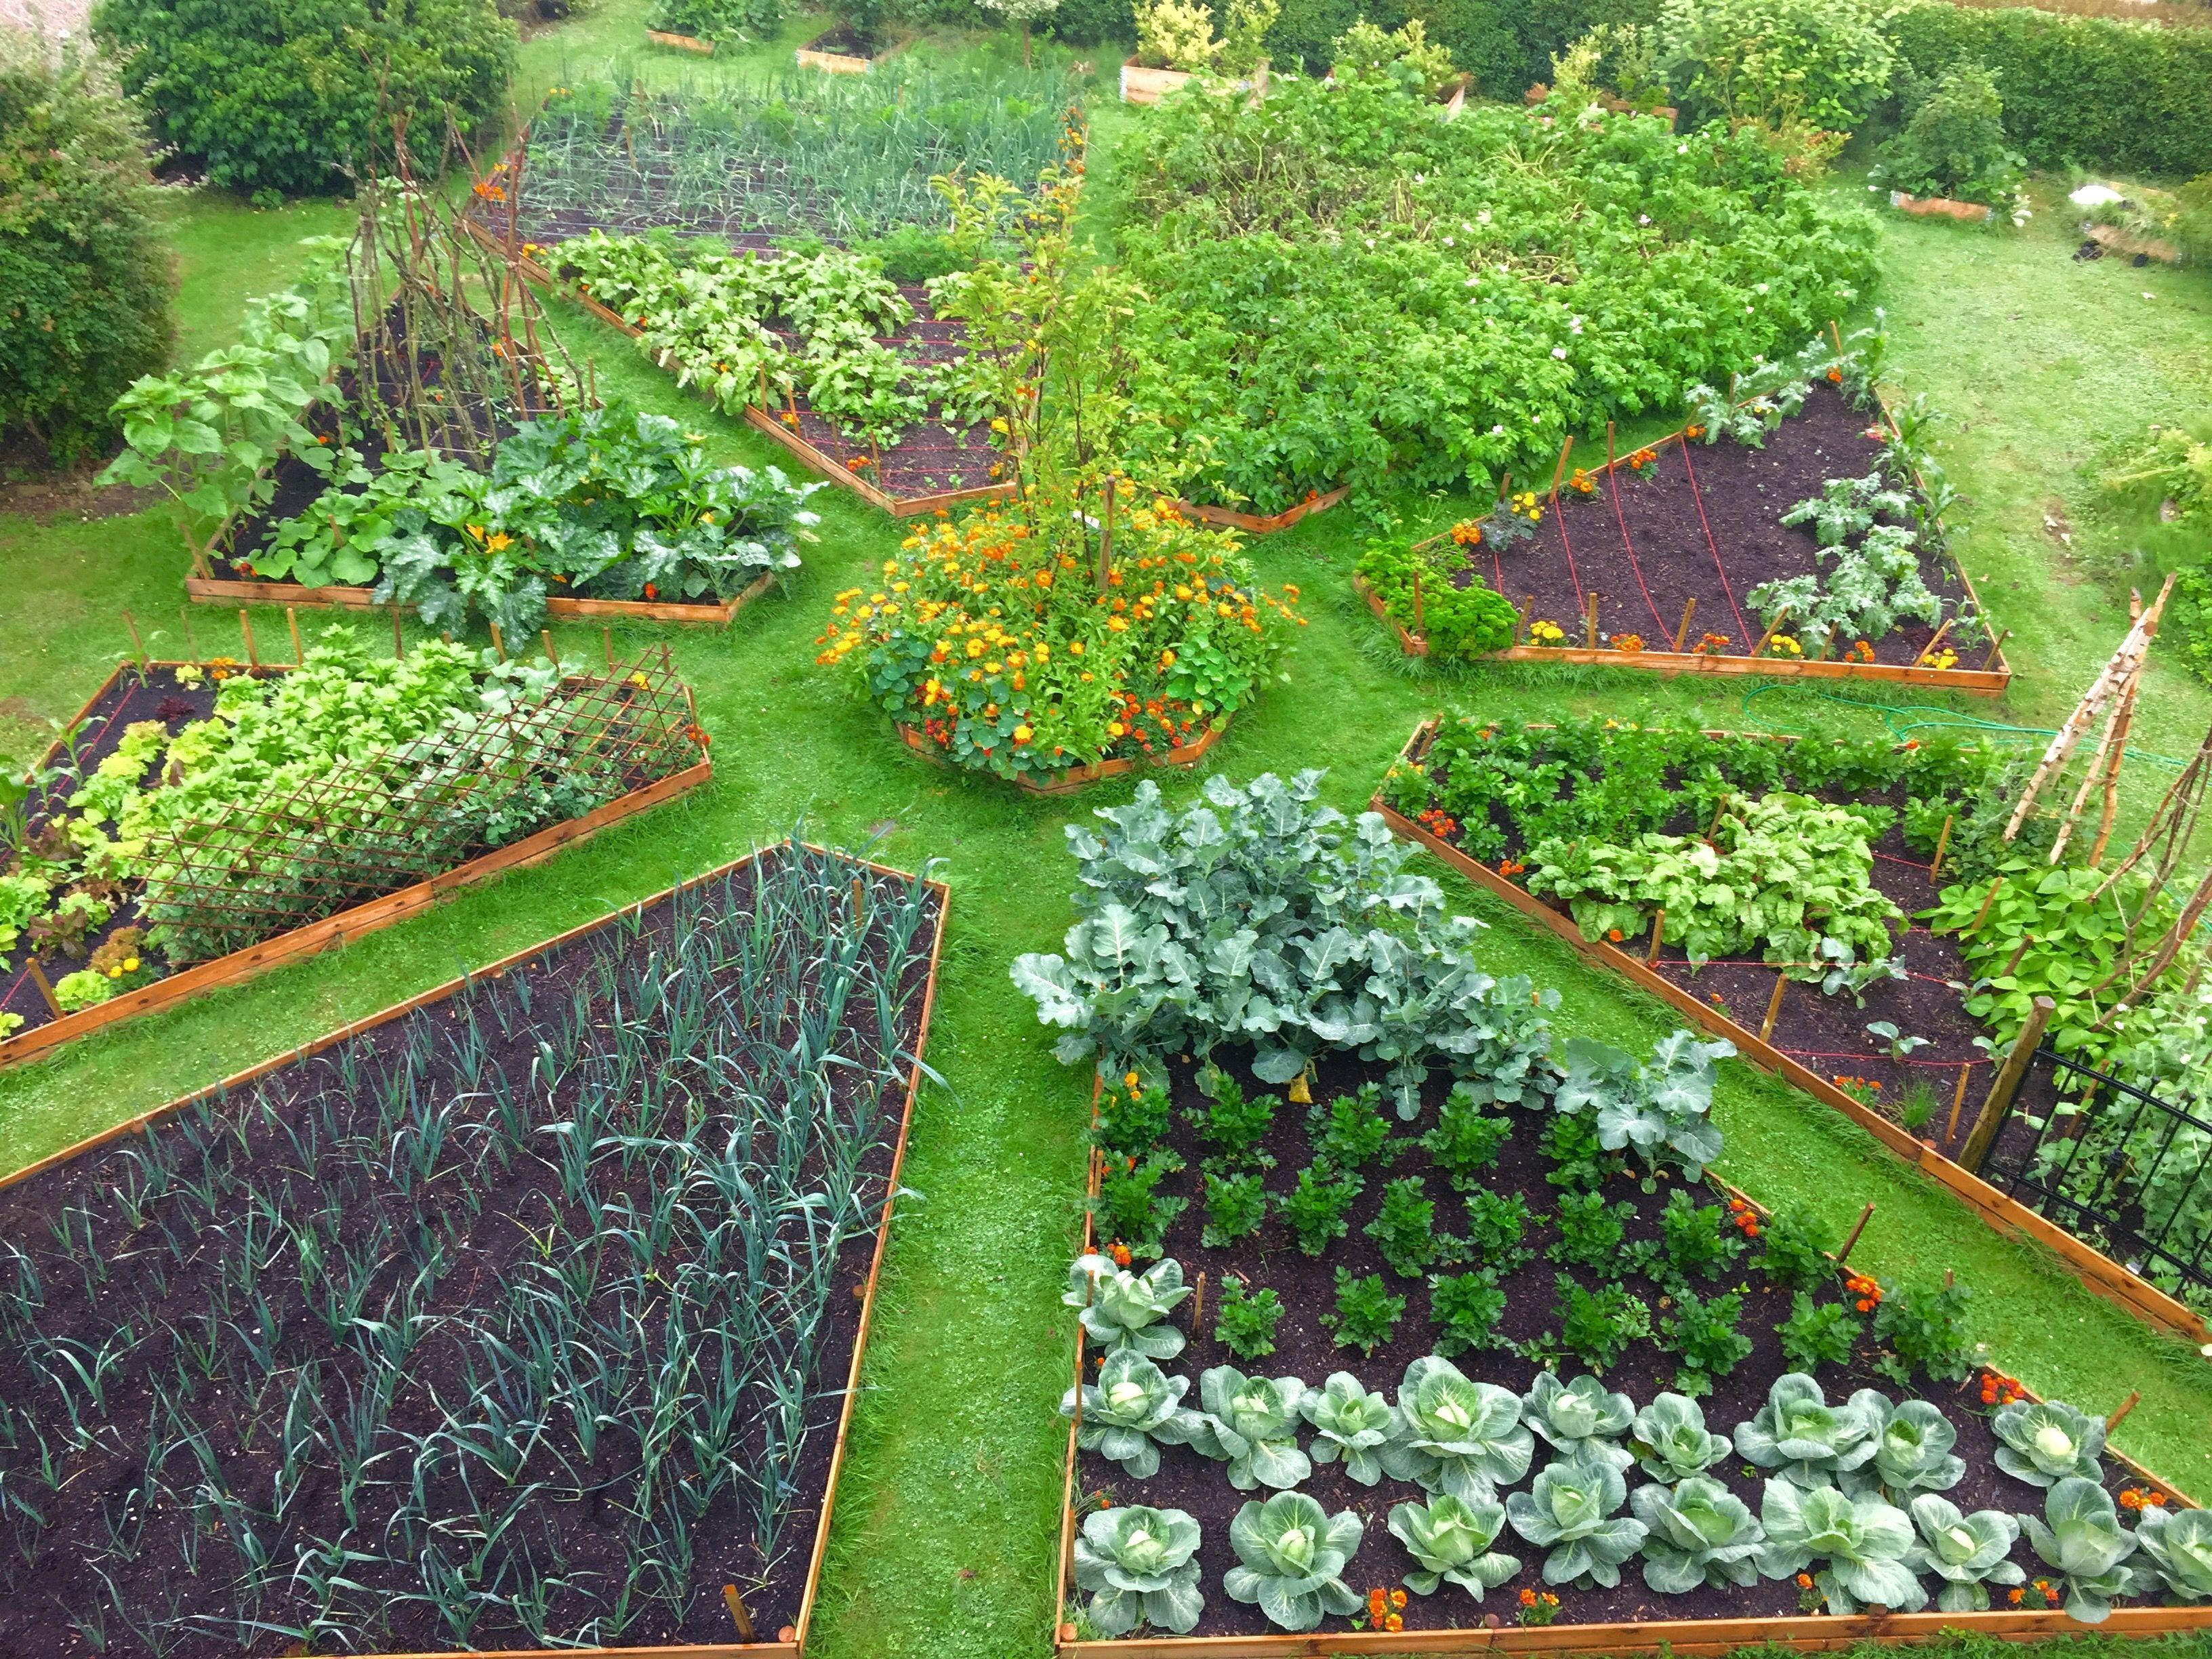 Pin Oleh Jray Di Vegetable Raised Bed Gardens Ide Berkebun Kebun Perkebunan Sayur